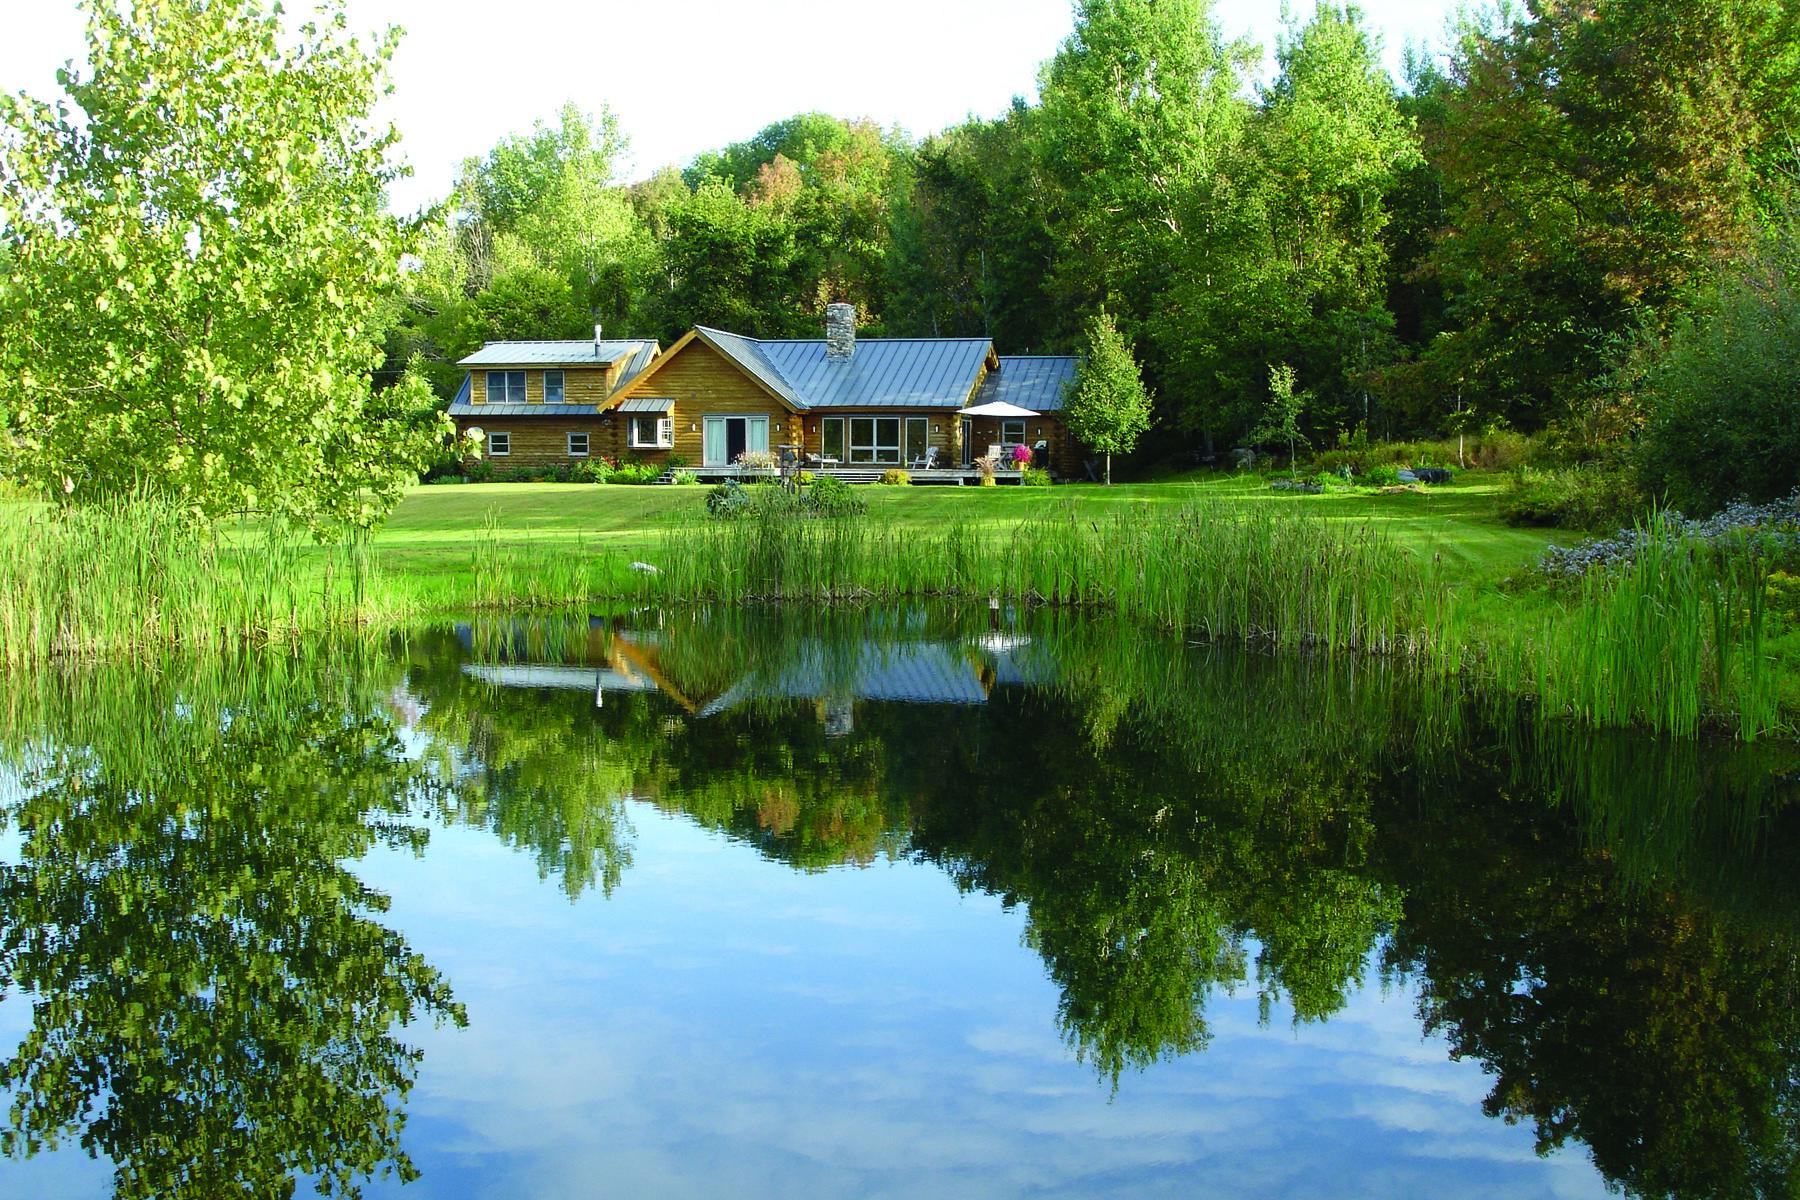 Casa Unifamiliar por un Venta en Country Chic Log Home 55 Kelley Hill Rd Danby, Vermont 05739 Estados Unidos